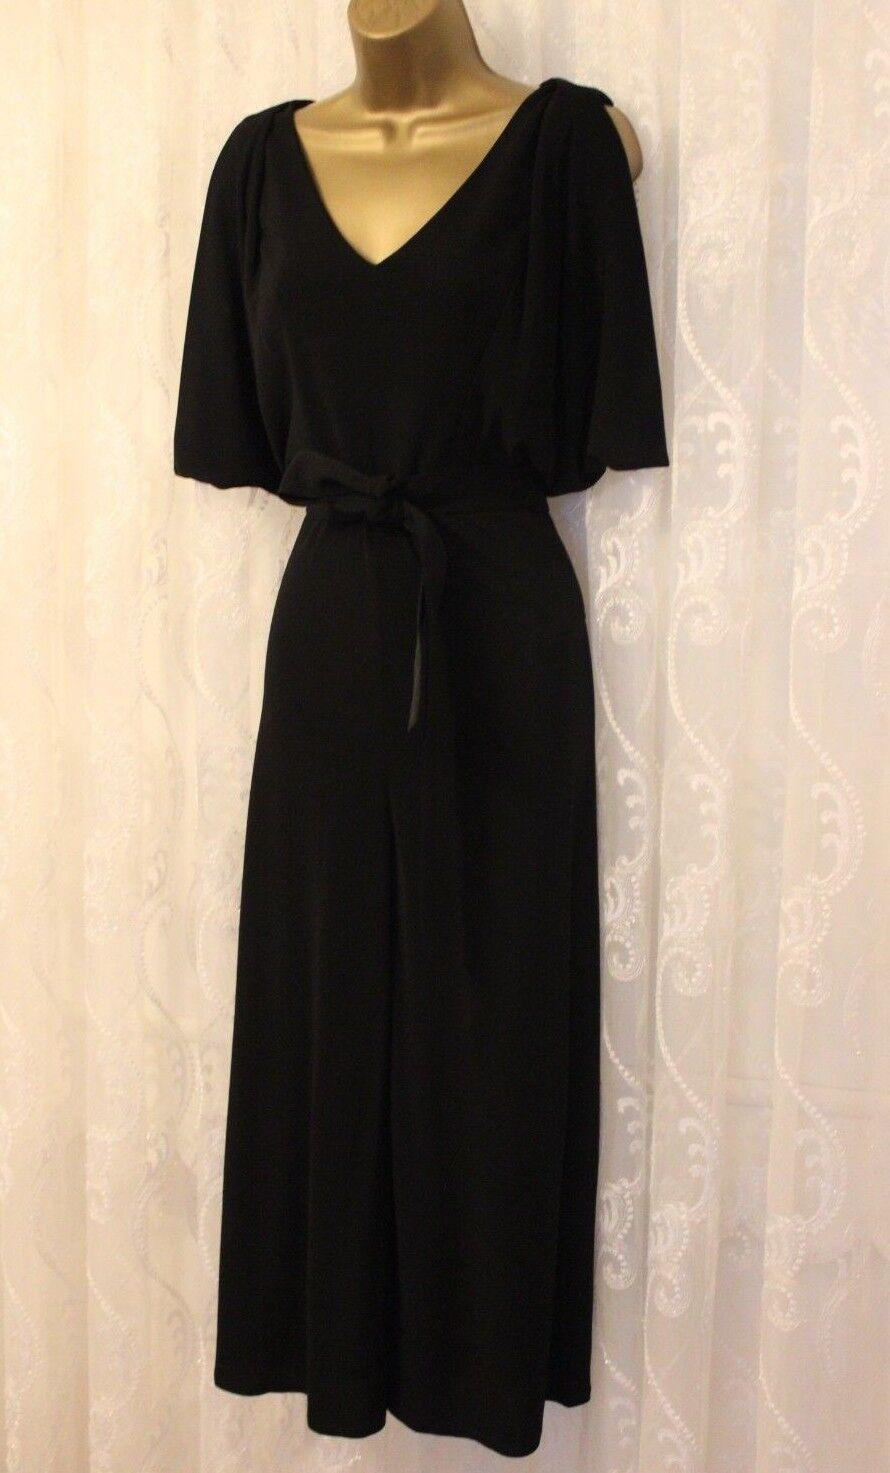 Karen Millen Slinky Wide Leg Culotte Belt Jumpsuit All In One Dress 10 38 PB007